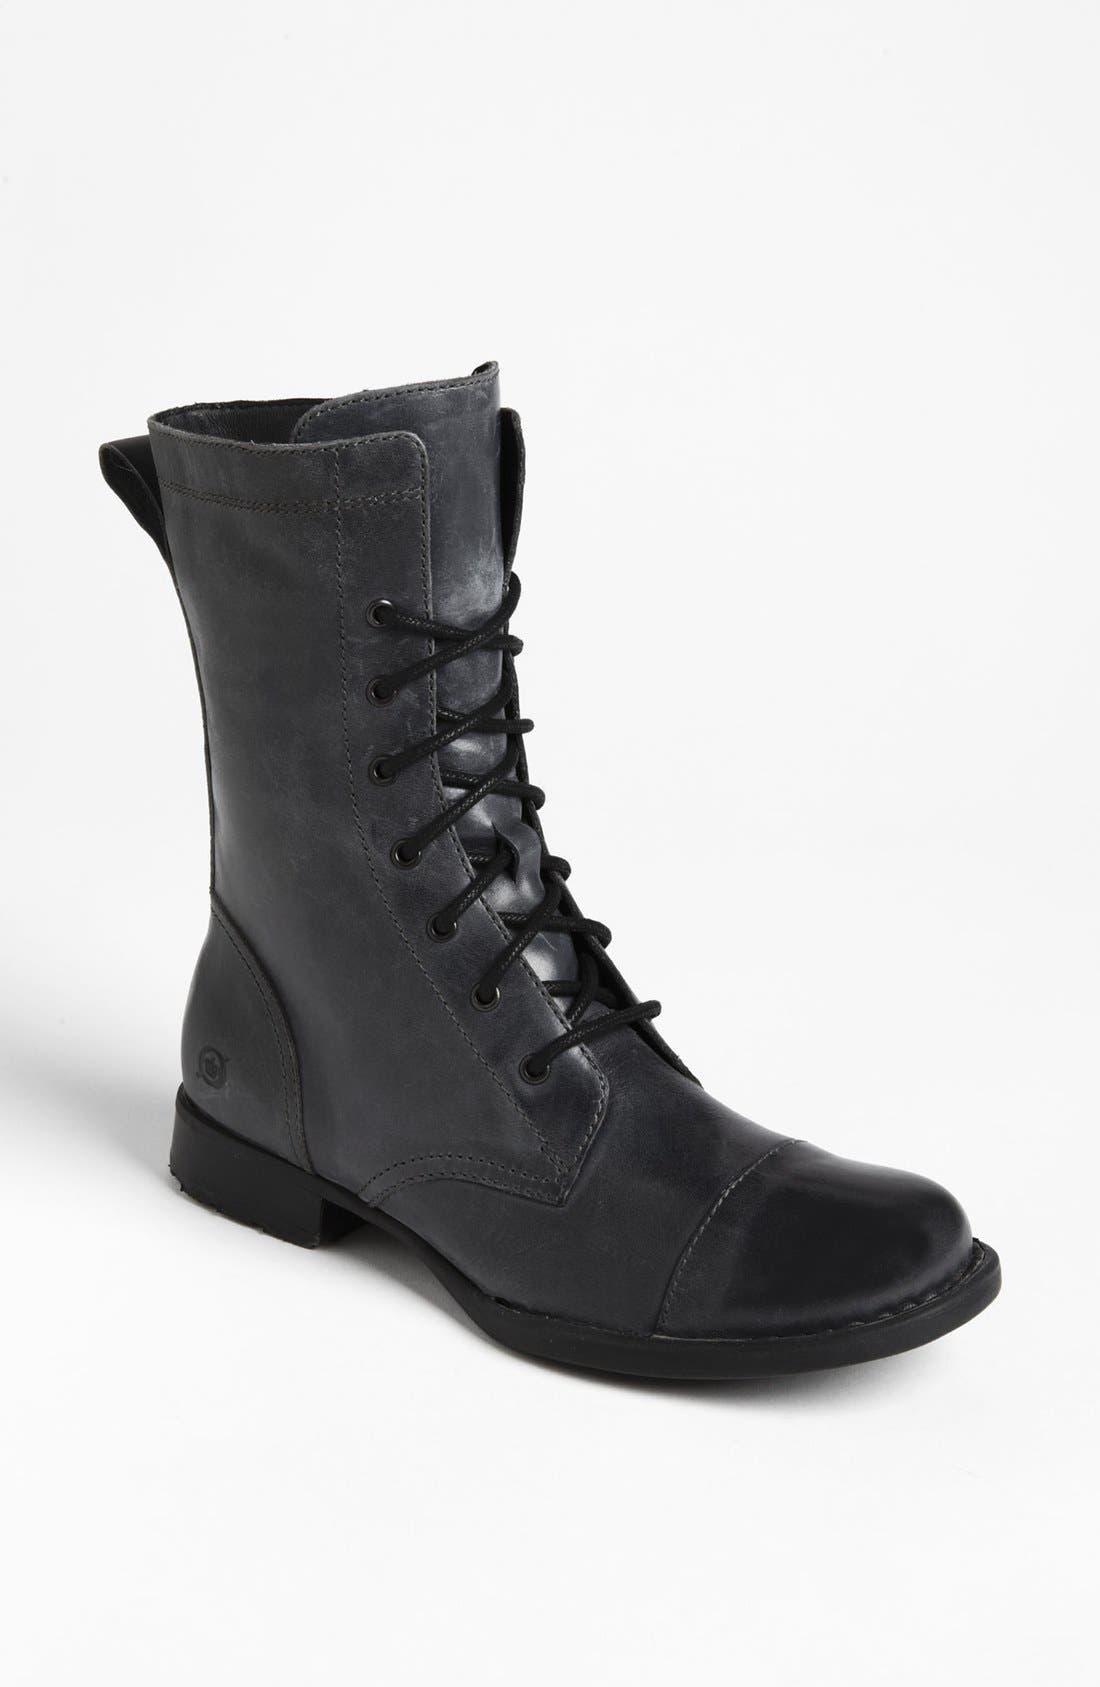 Main Image - Børn 'Zelia' Boot (Online Only Color)